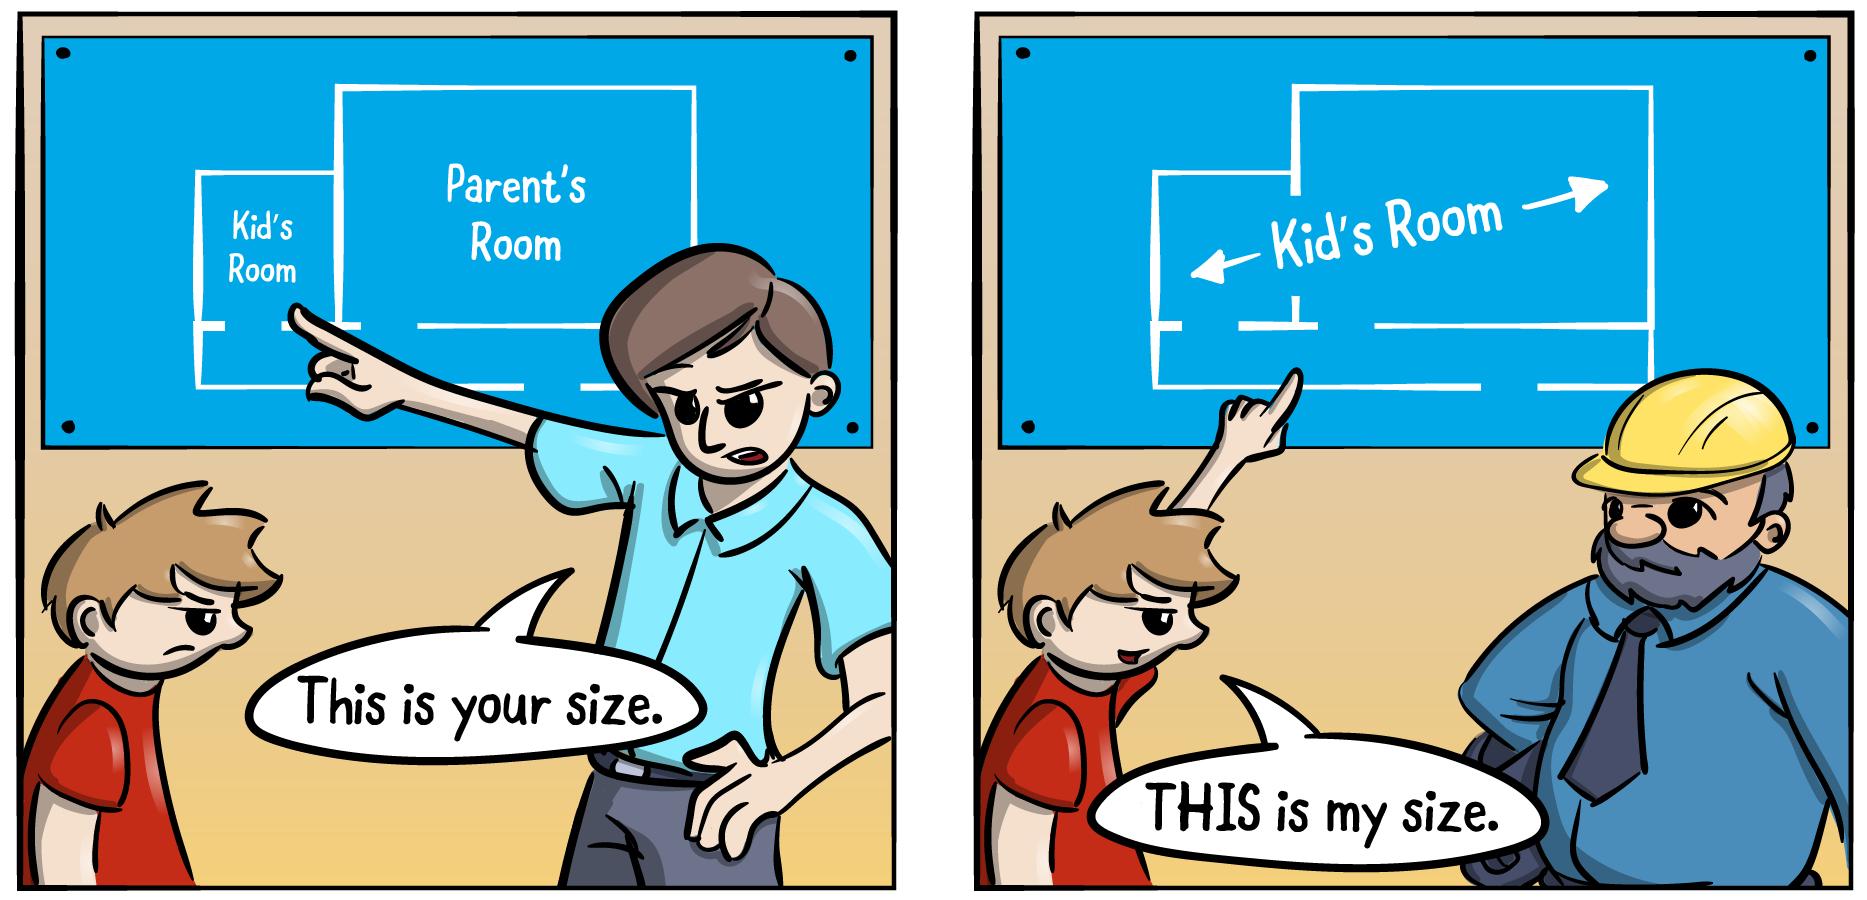 Size expectation